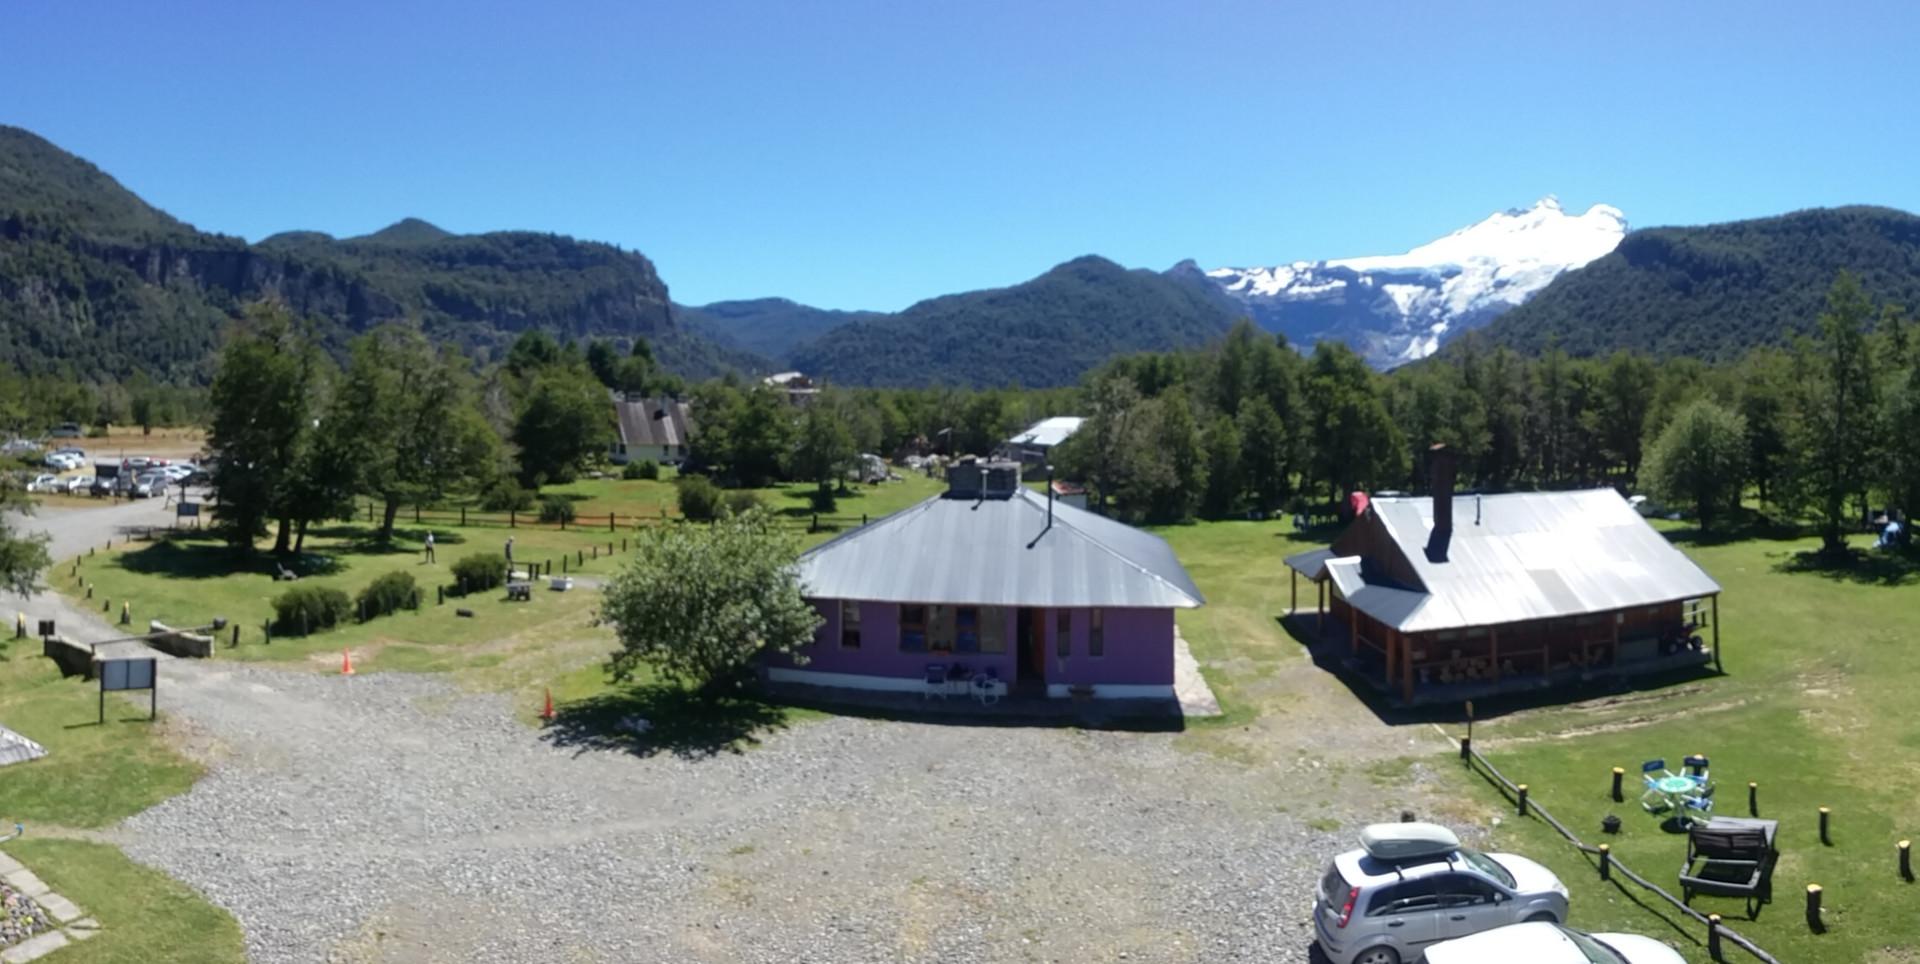 Vista panorámica del Camping